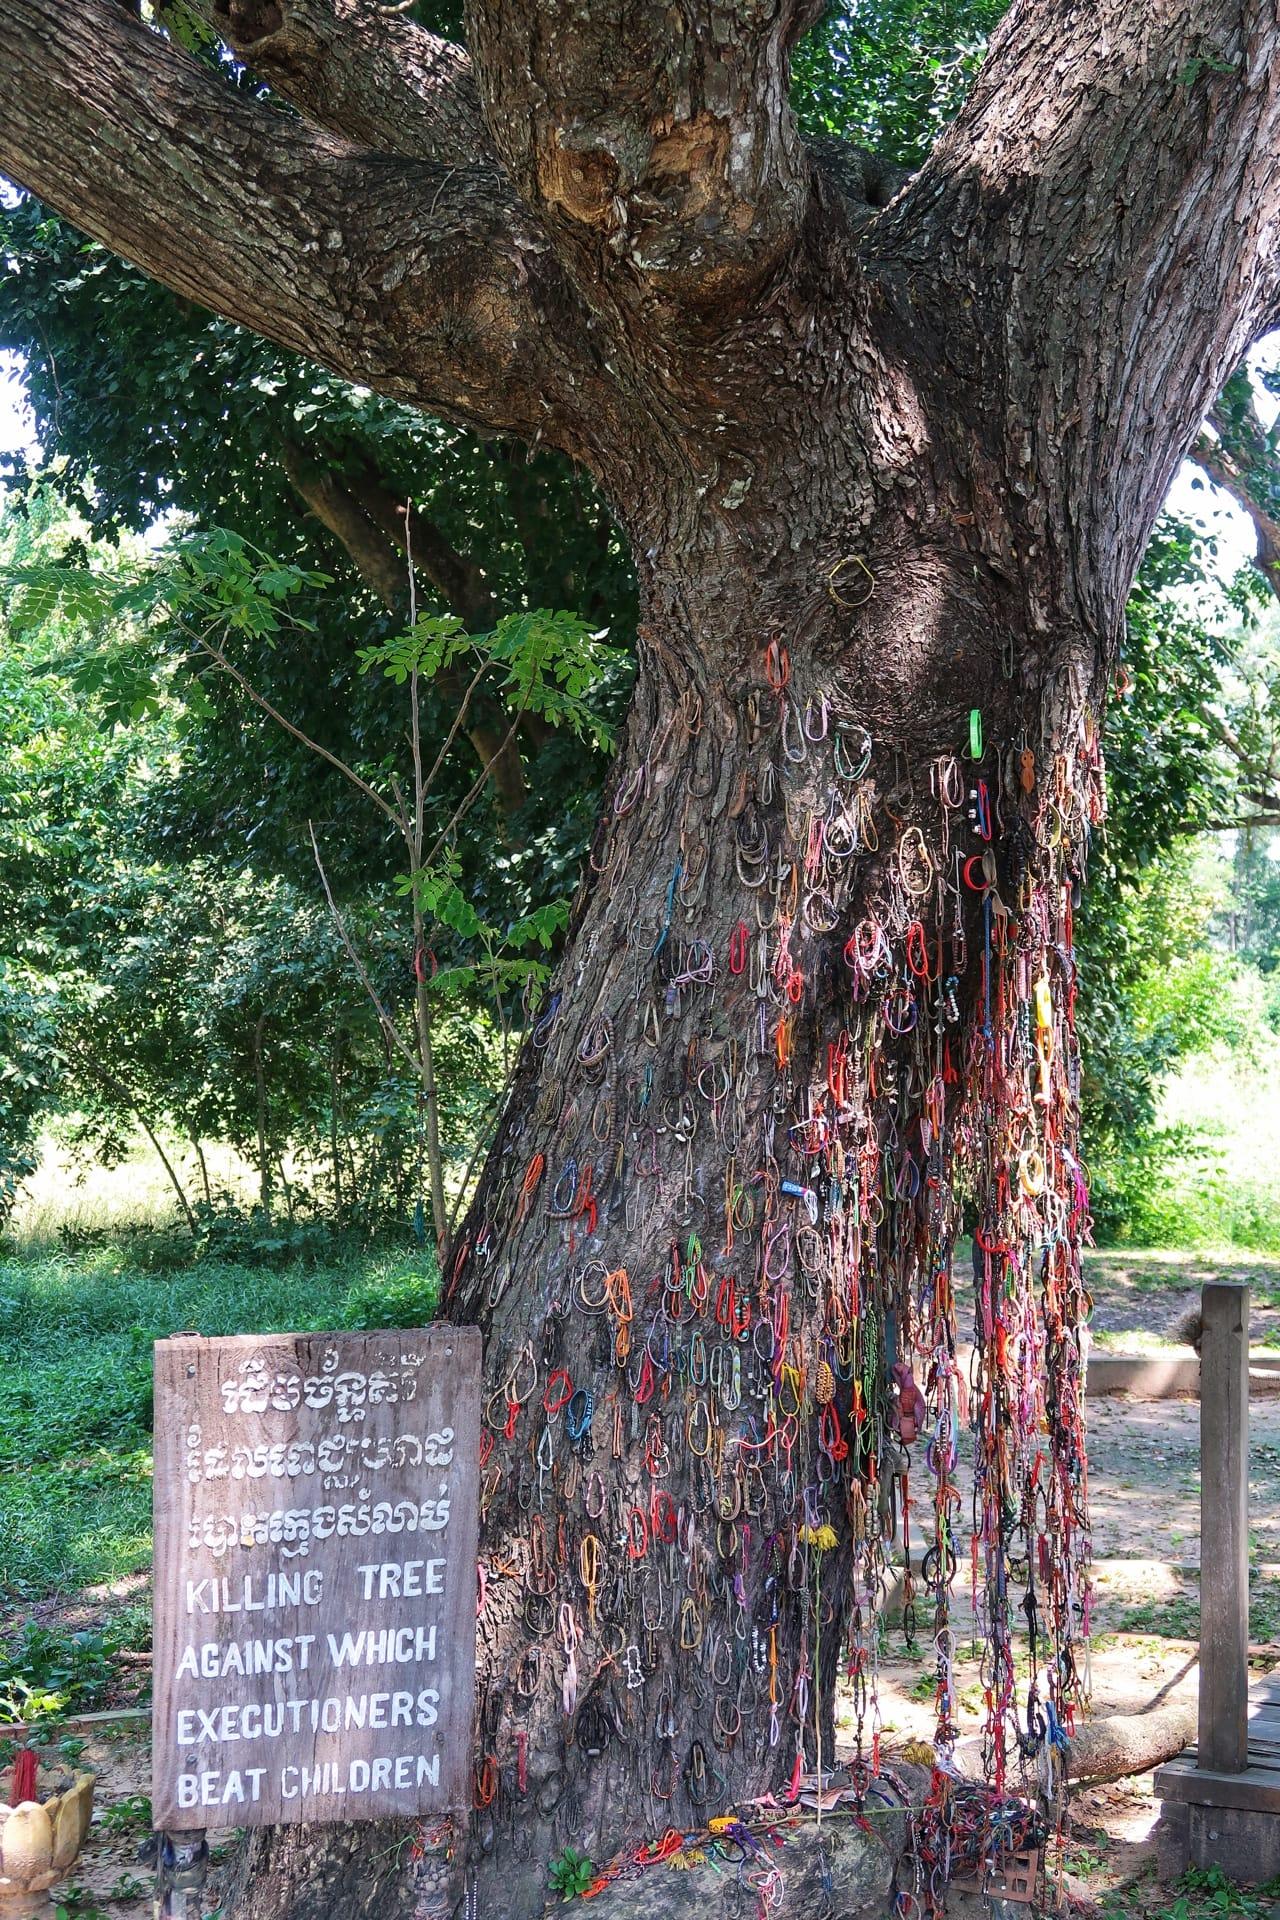 Børnetræ fra Killing fields